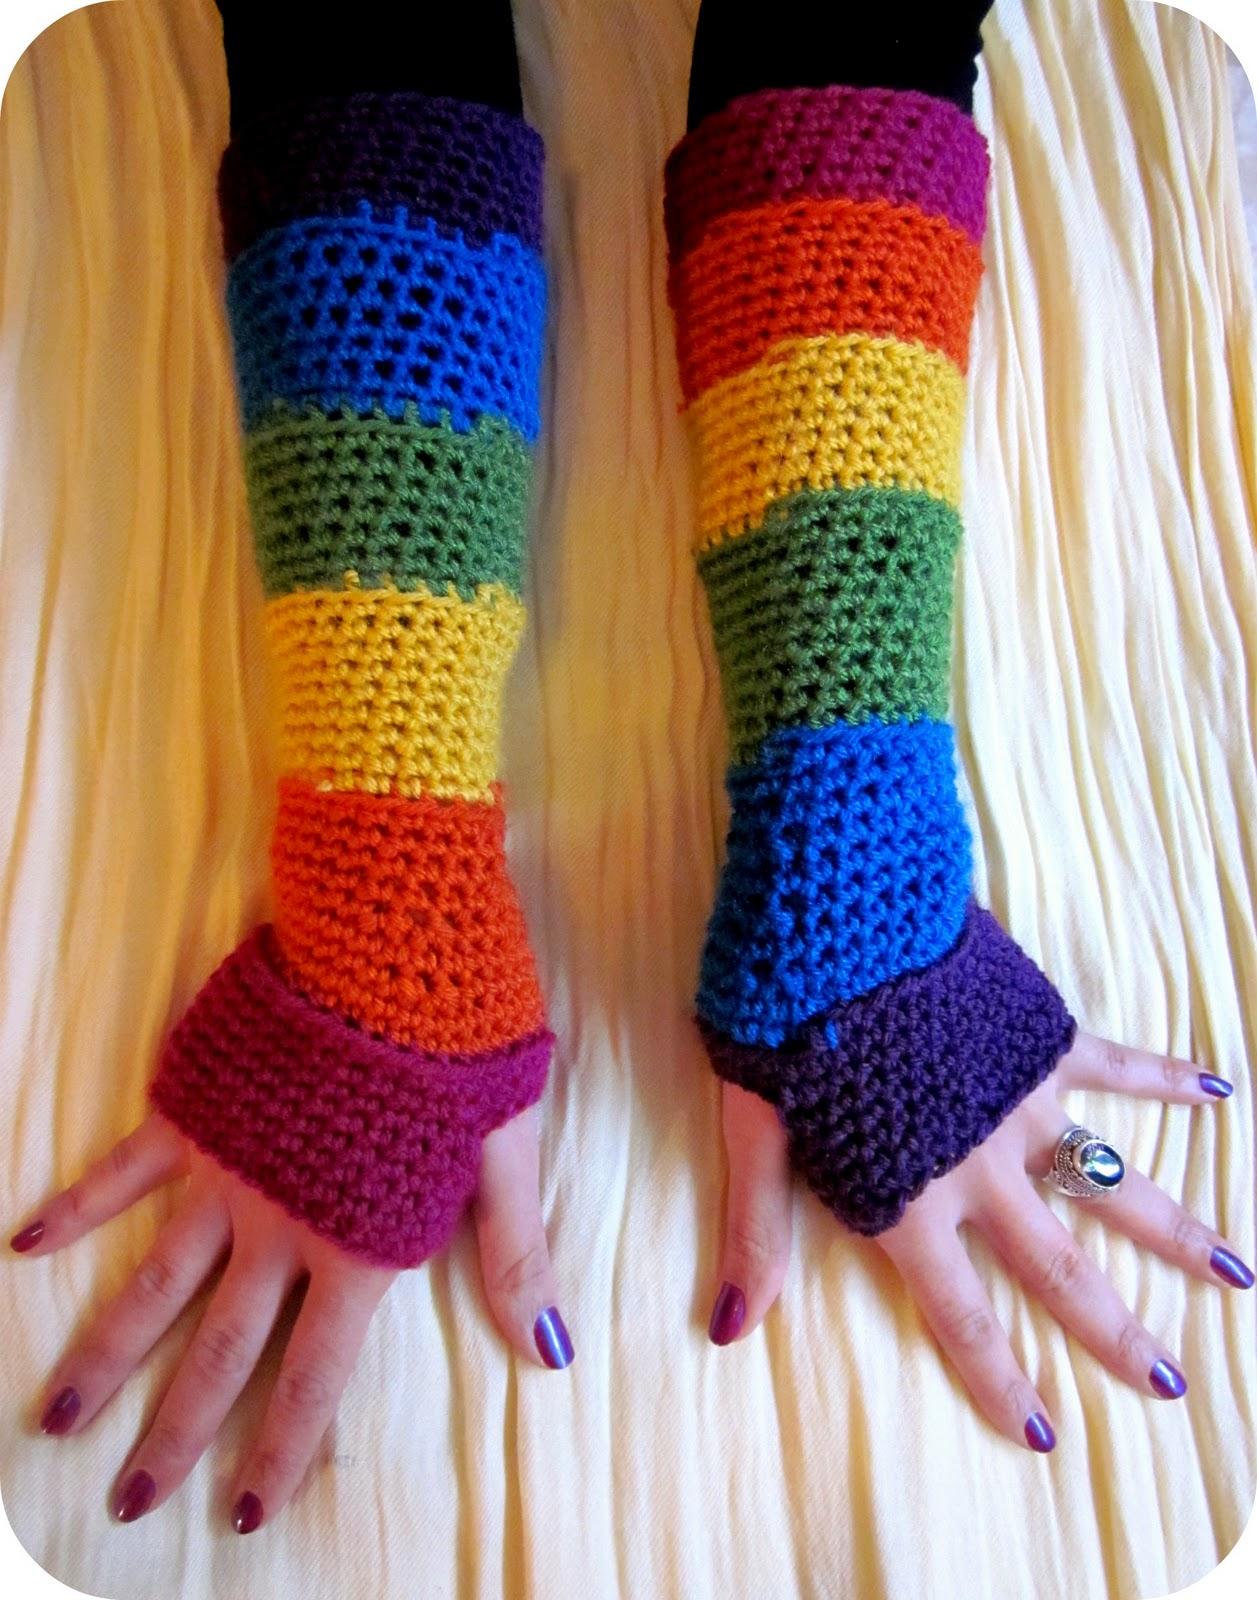 February jones crochet rainbow fingerless gloves free pattern